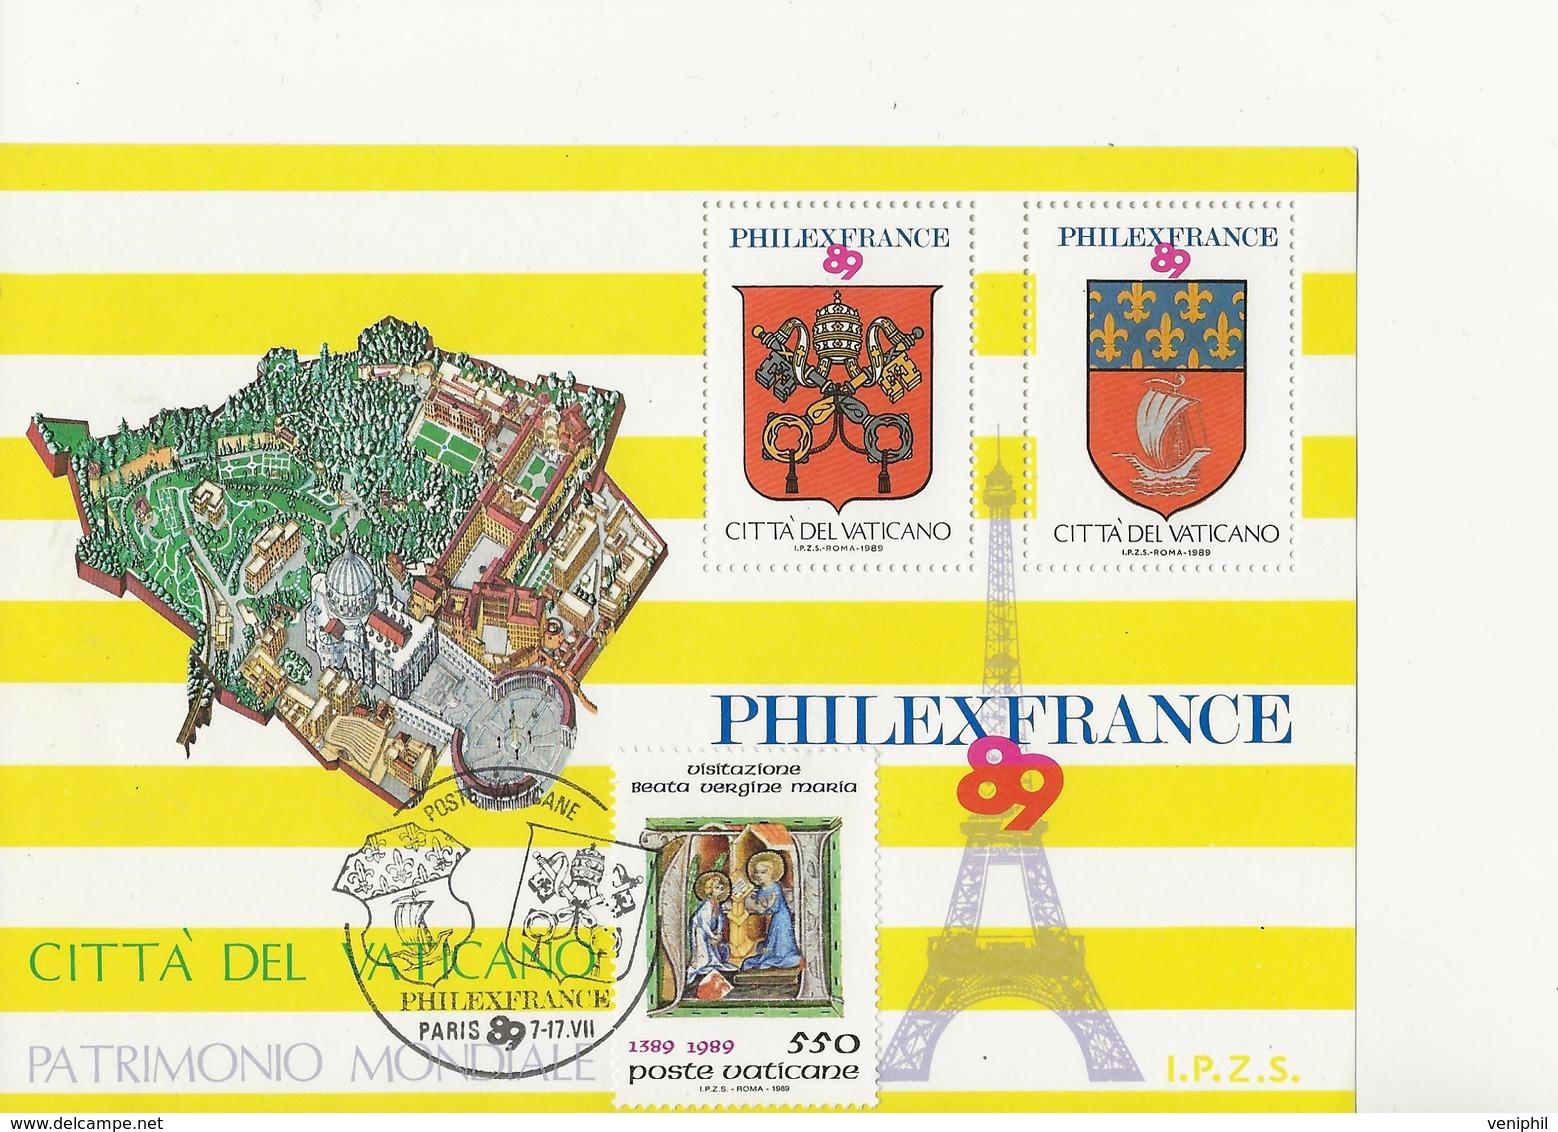 VATICAN -FEUILLET AVEC 2 VIGNETTES EDITE A L'OCCASION DE PHILEXFRANCE  89 AFFRANCHI TIMBRE N° 849 CAD ILLUSTRE - Vaticano (Ciudad Del)